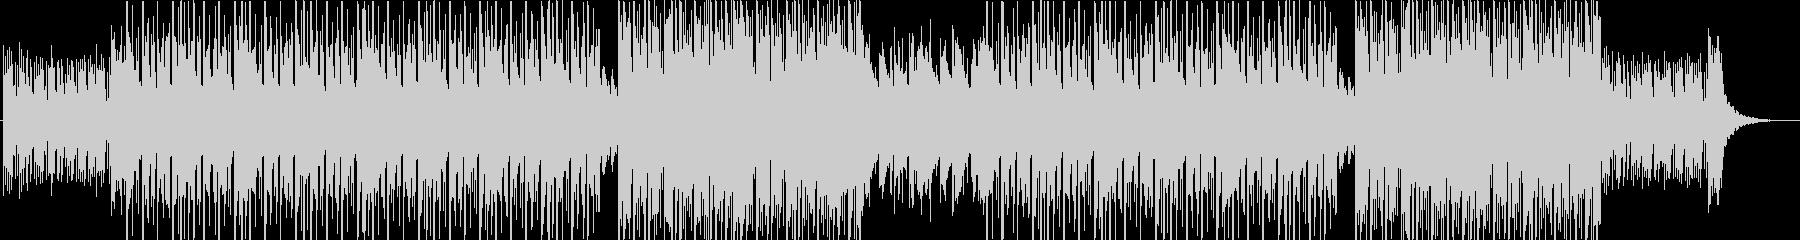 ジャスティン・ビーバータイプポップR&Bの未再生の波形